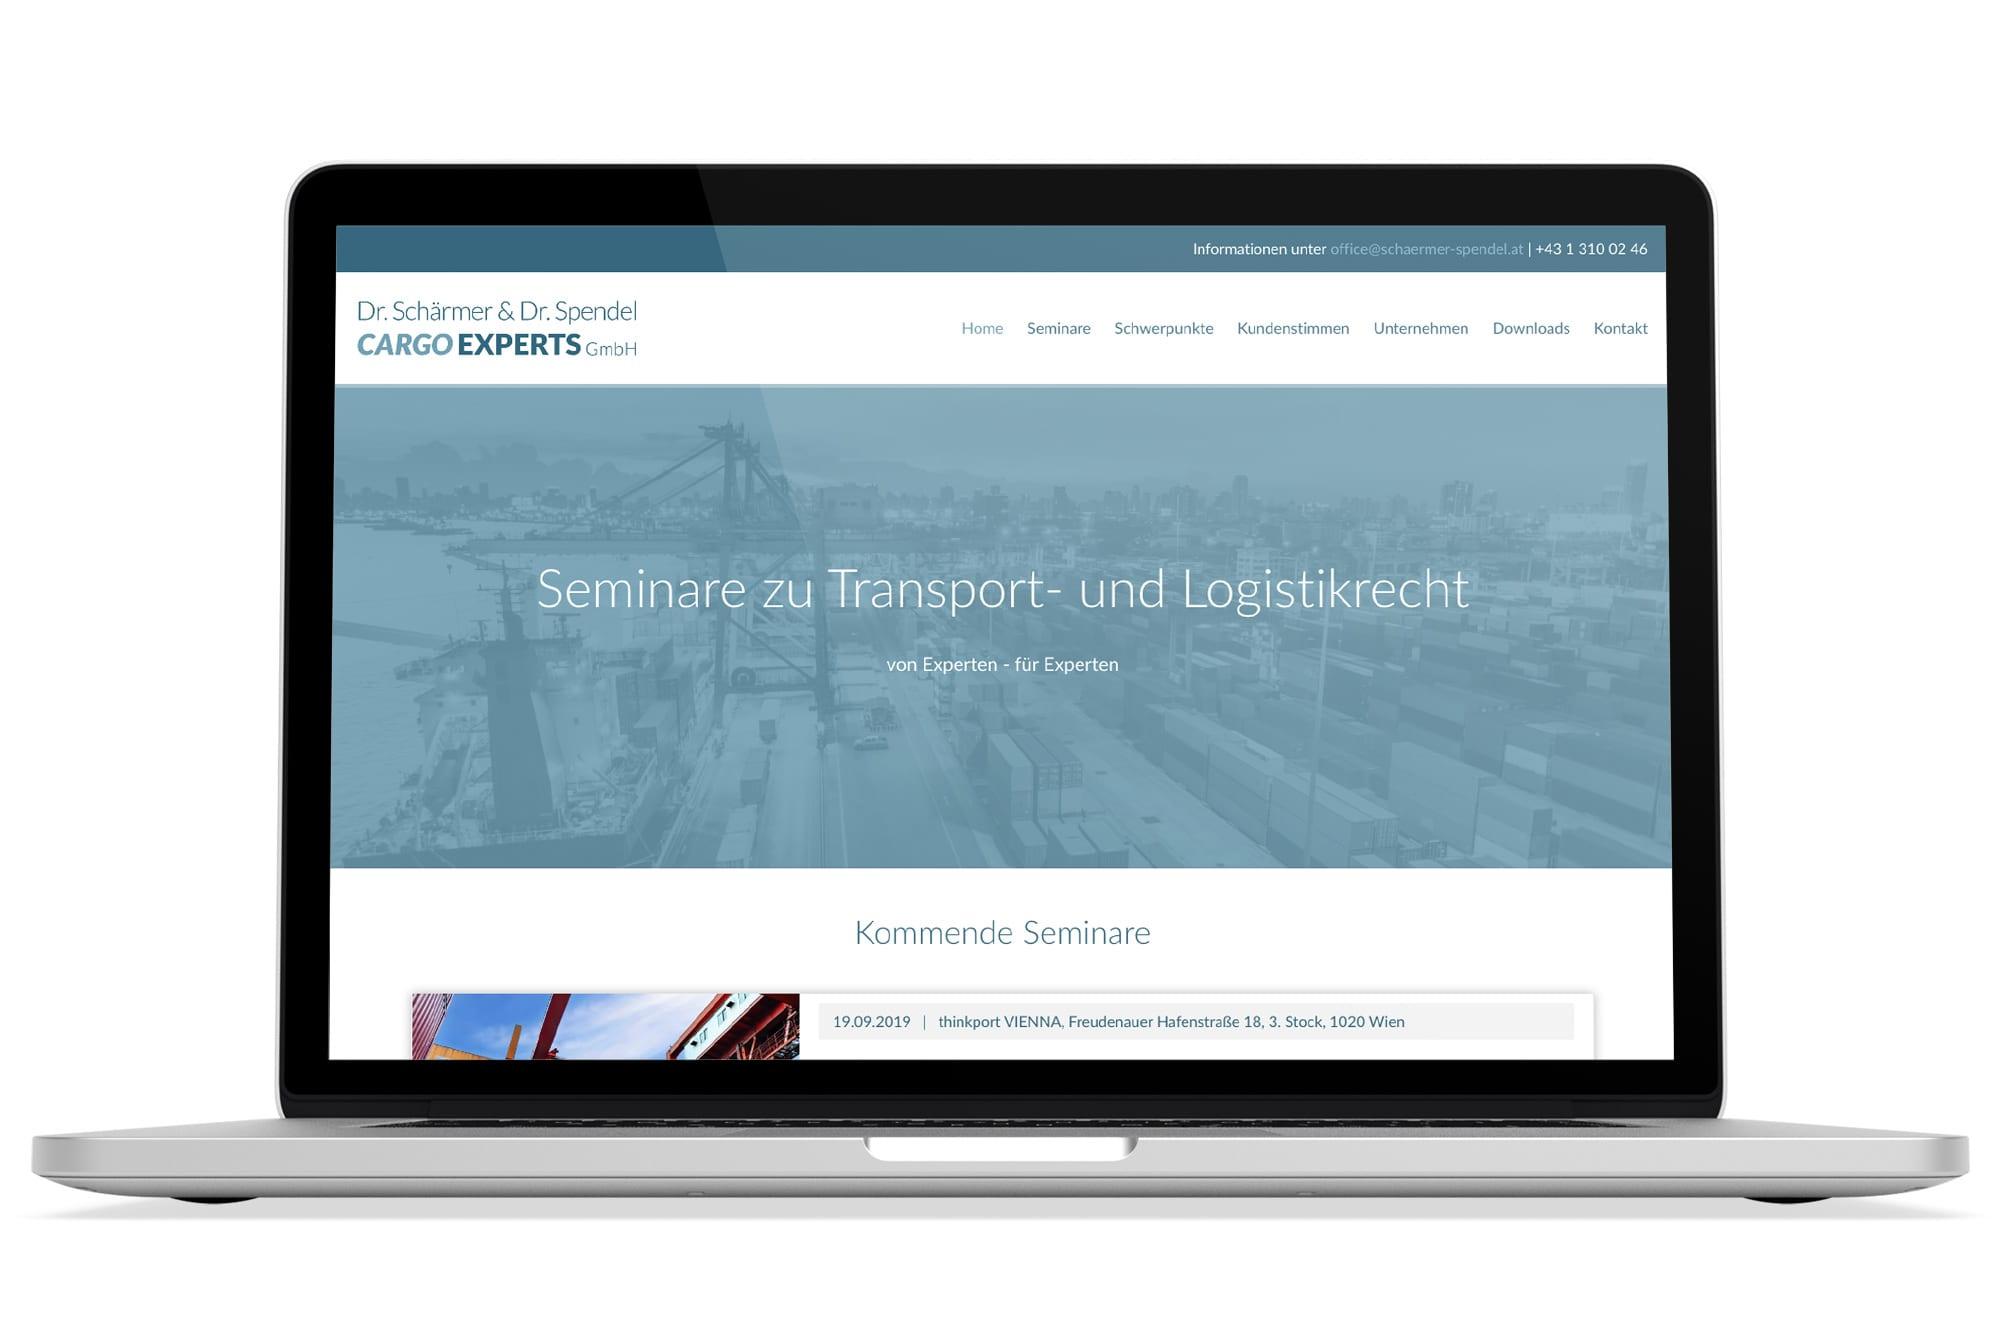 Responsive Webdesign Beispiel: Neue mobile Webseite für Rechtsanwalt Wien und Seminarveranstalter